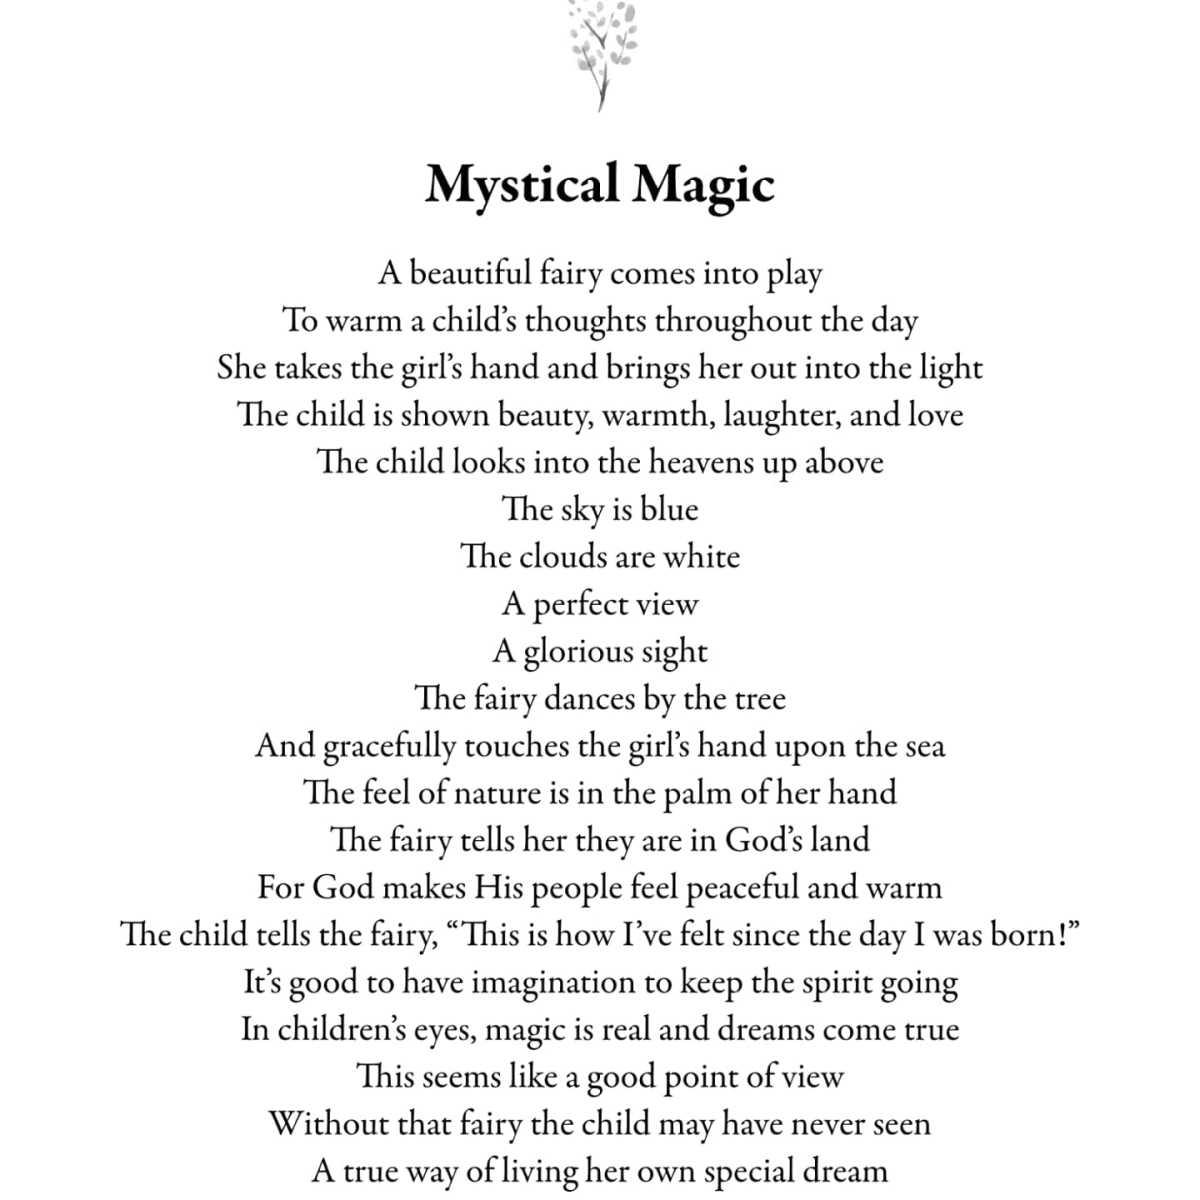 A rhyming poem my me.